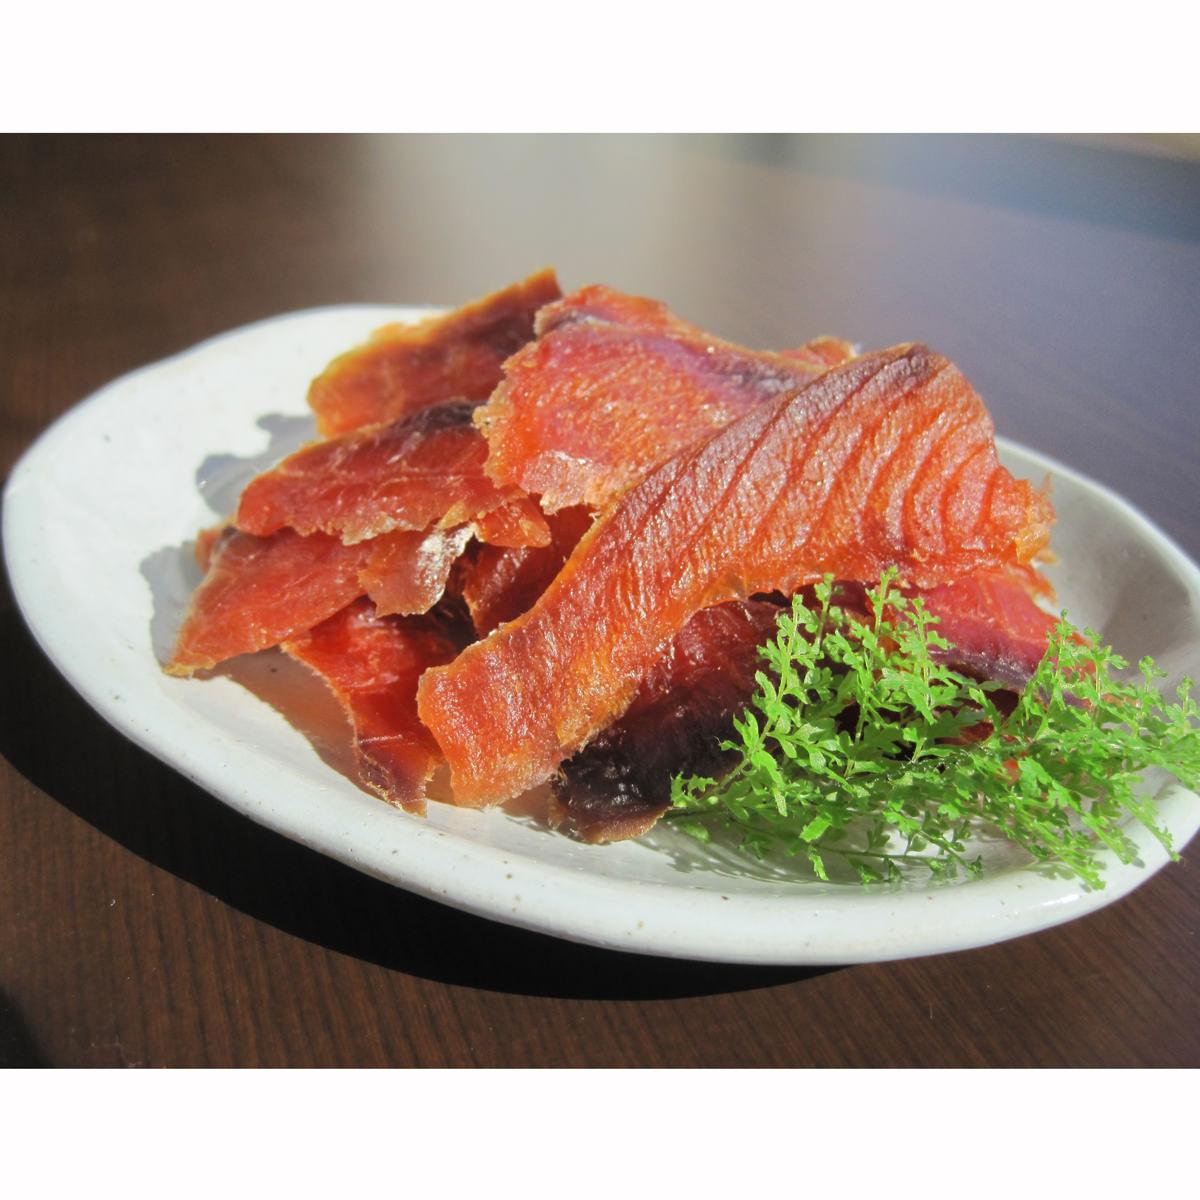 鮭とばスライス 2個入り 〔100g×2〕 北海道 珍味 江戸屋